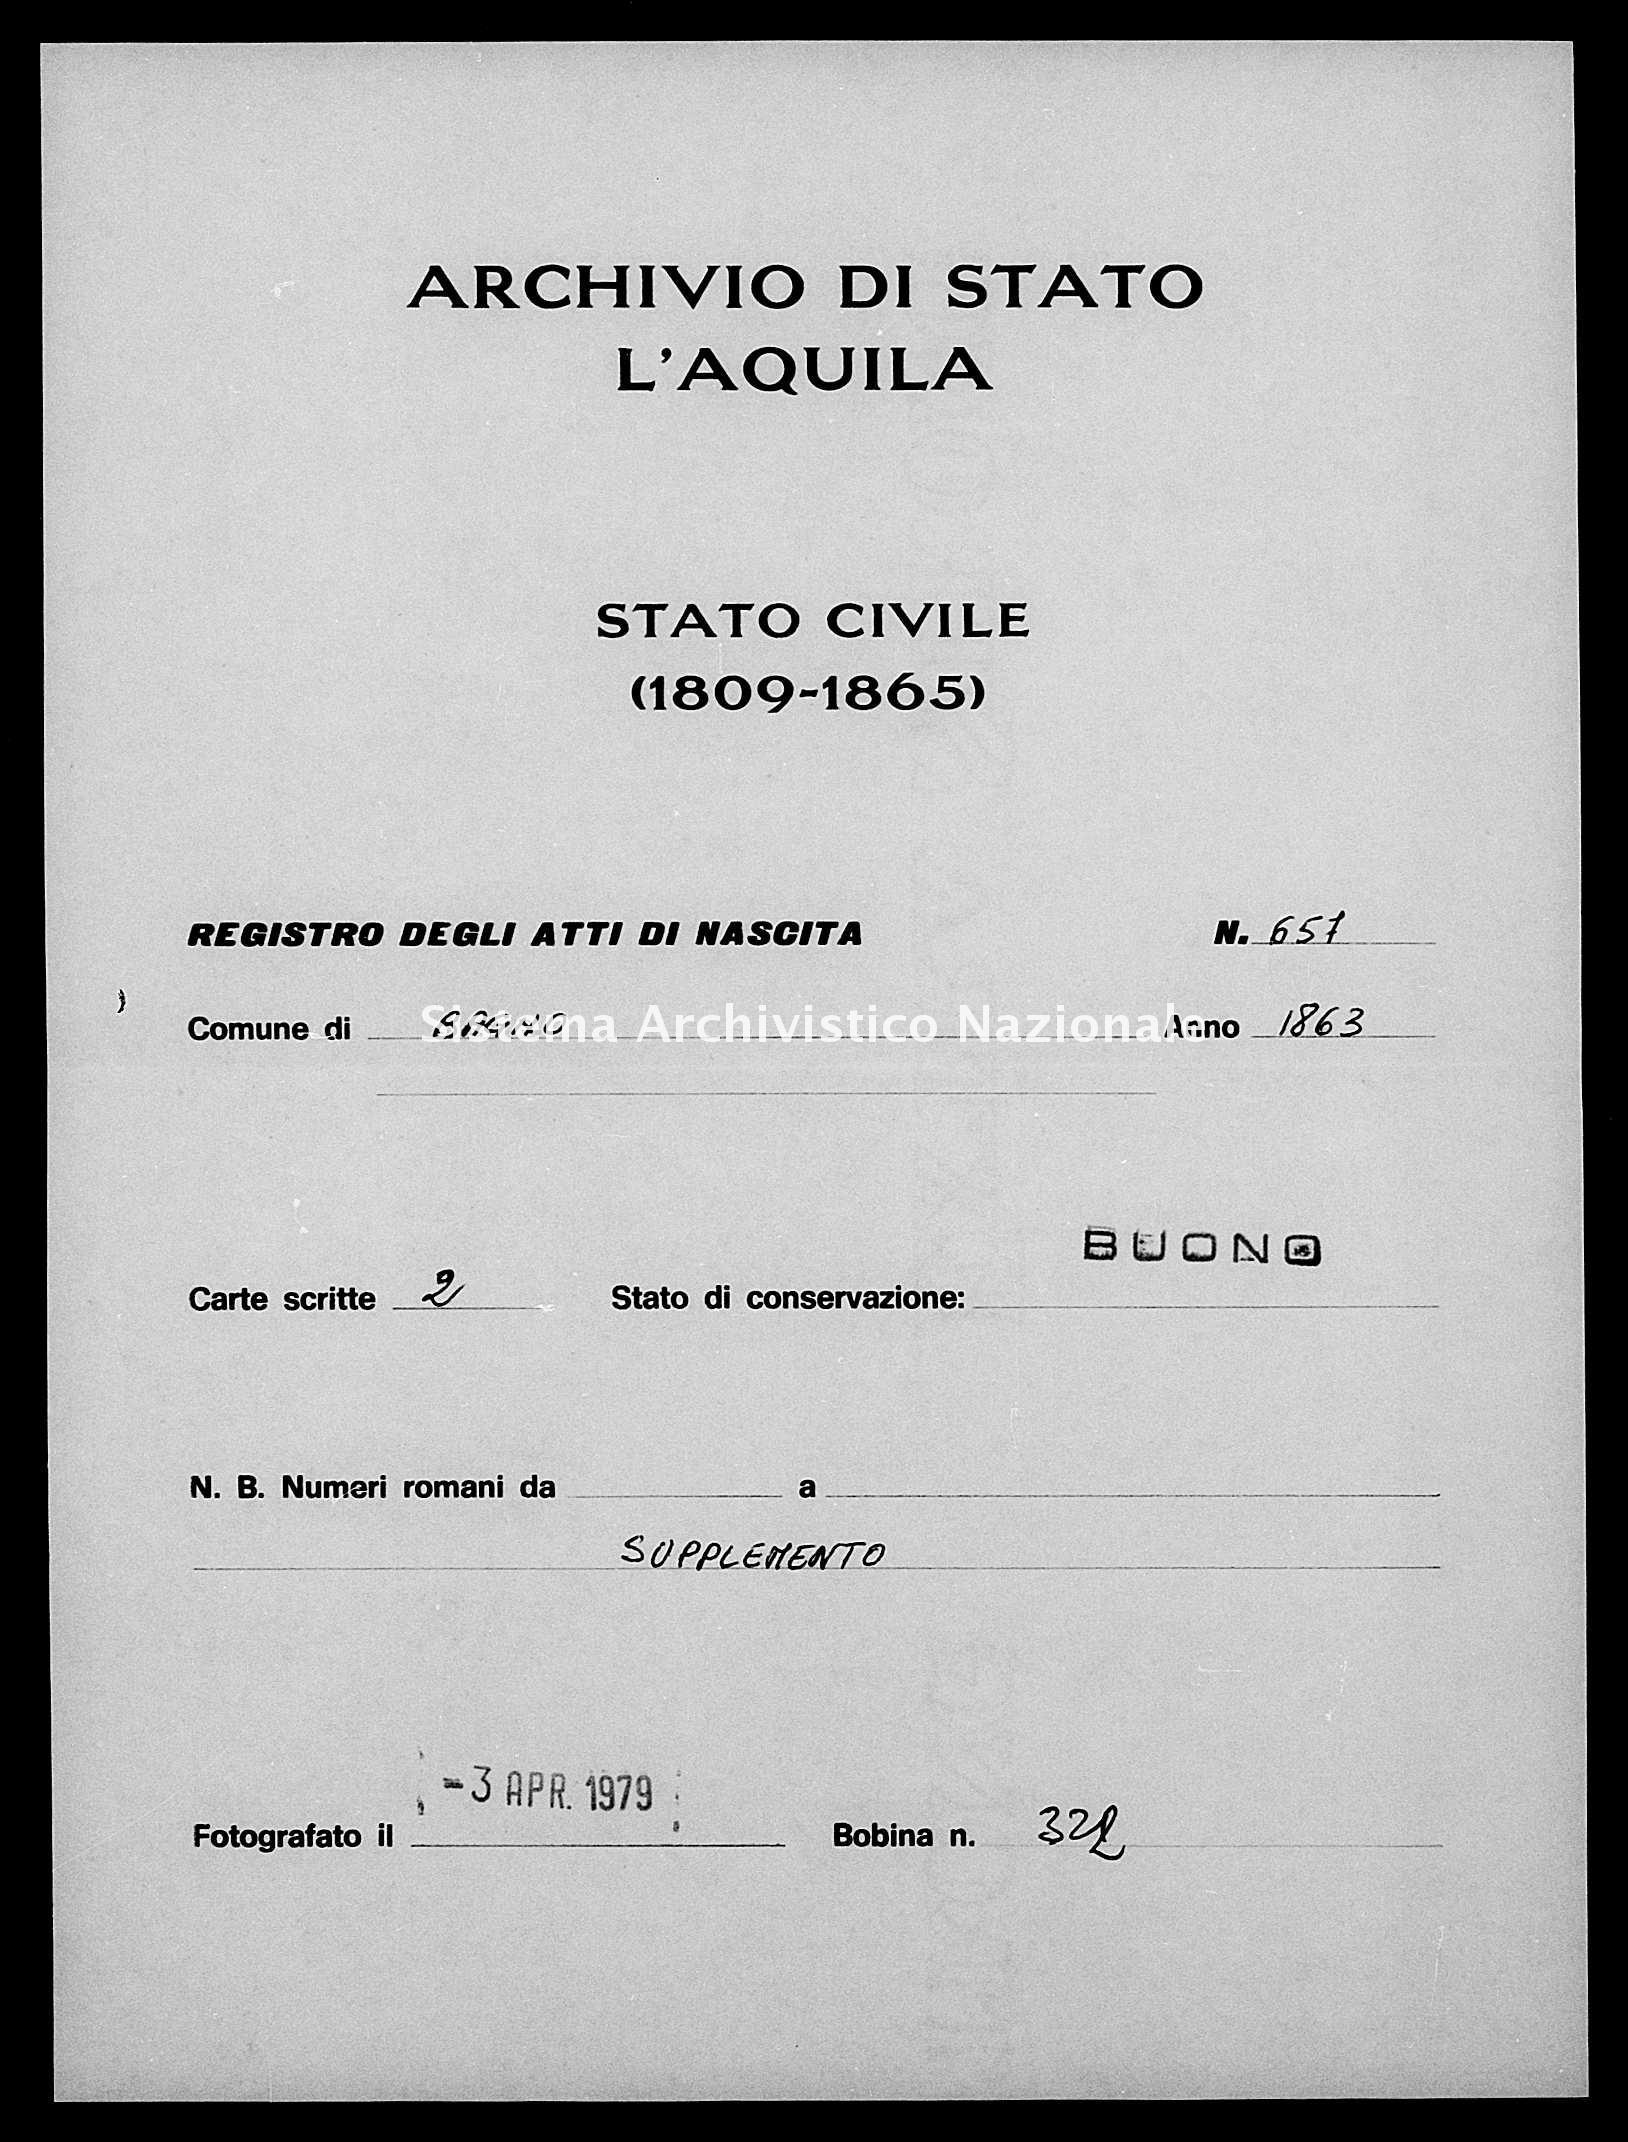 Archivio di stato di L'aquila - Stato civile italiano - Bagno - Nati esposti - 1863 - 657 -